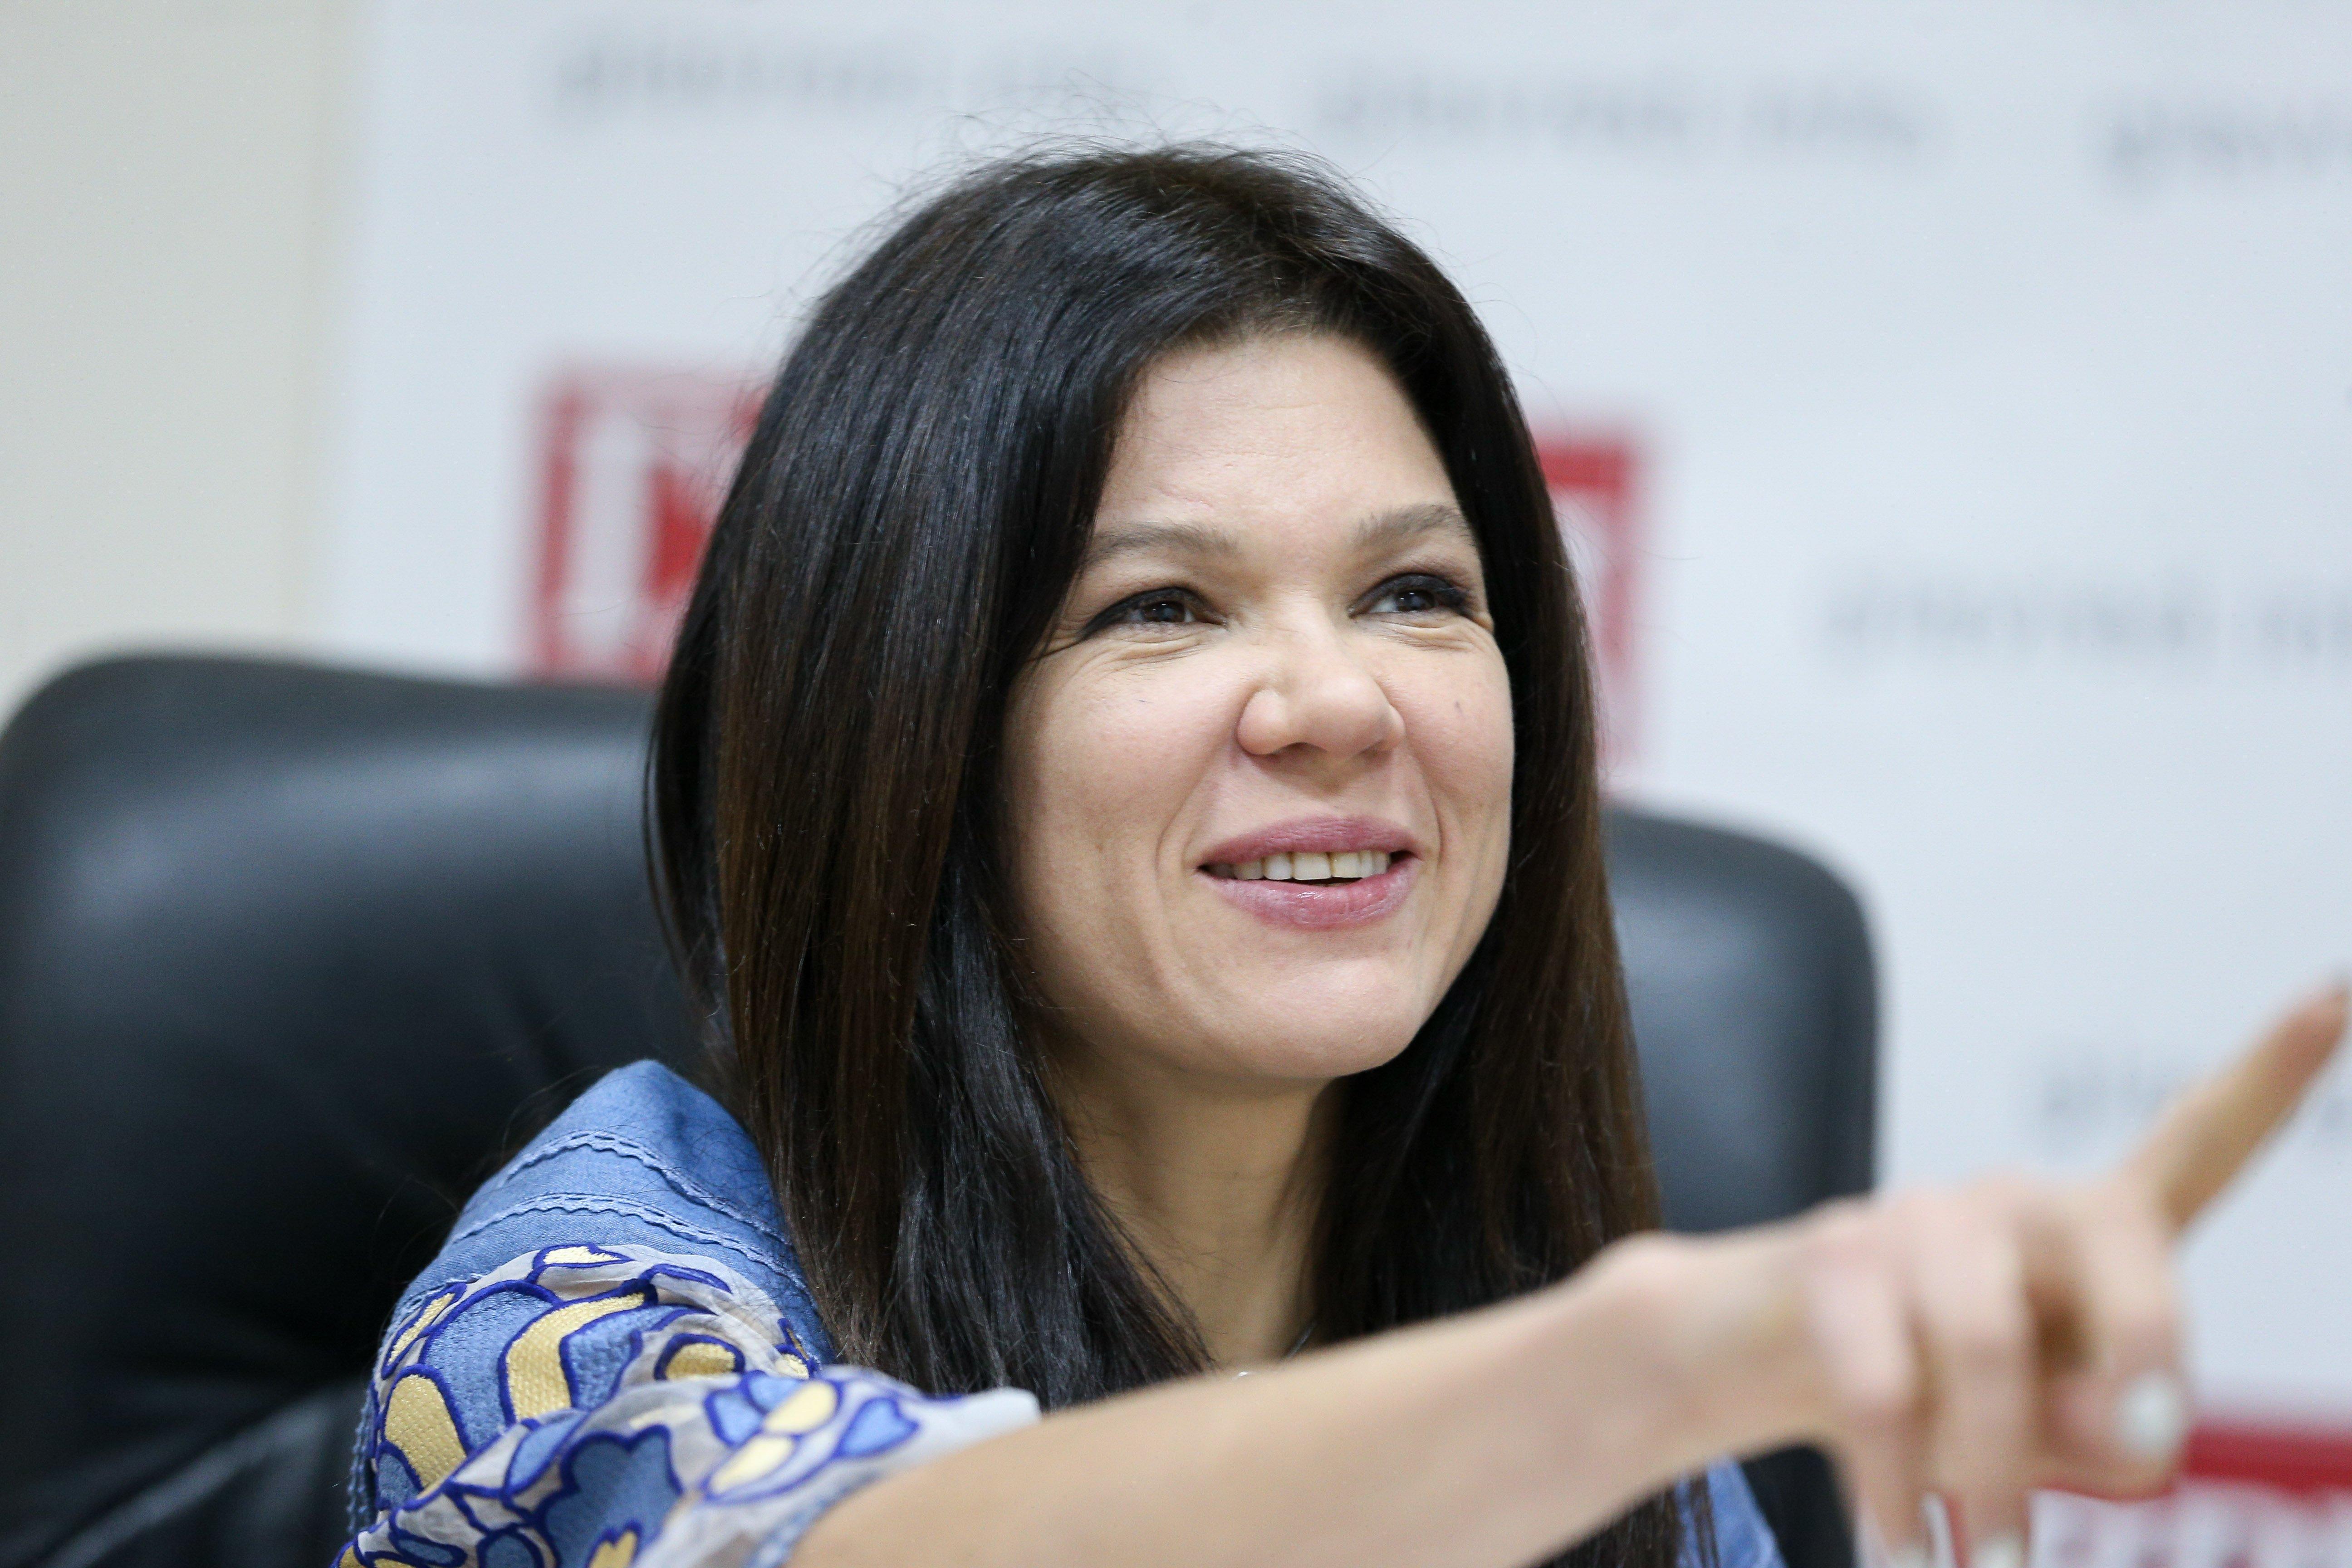 Руслана объяснила, как вернуть Крым и Донбасс.